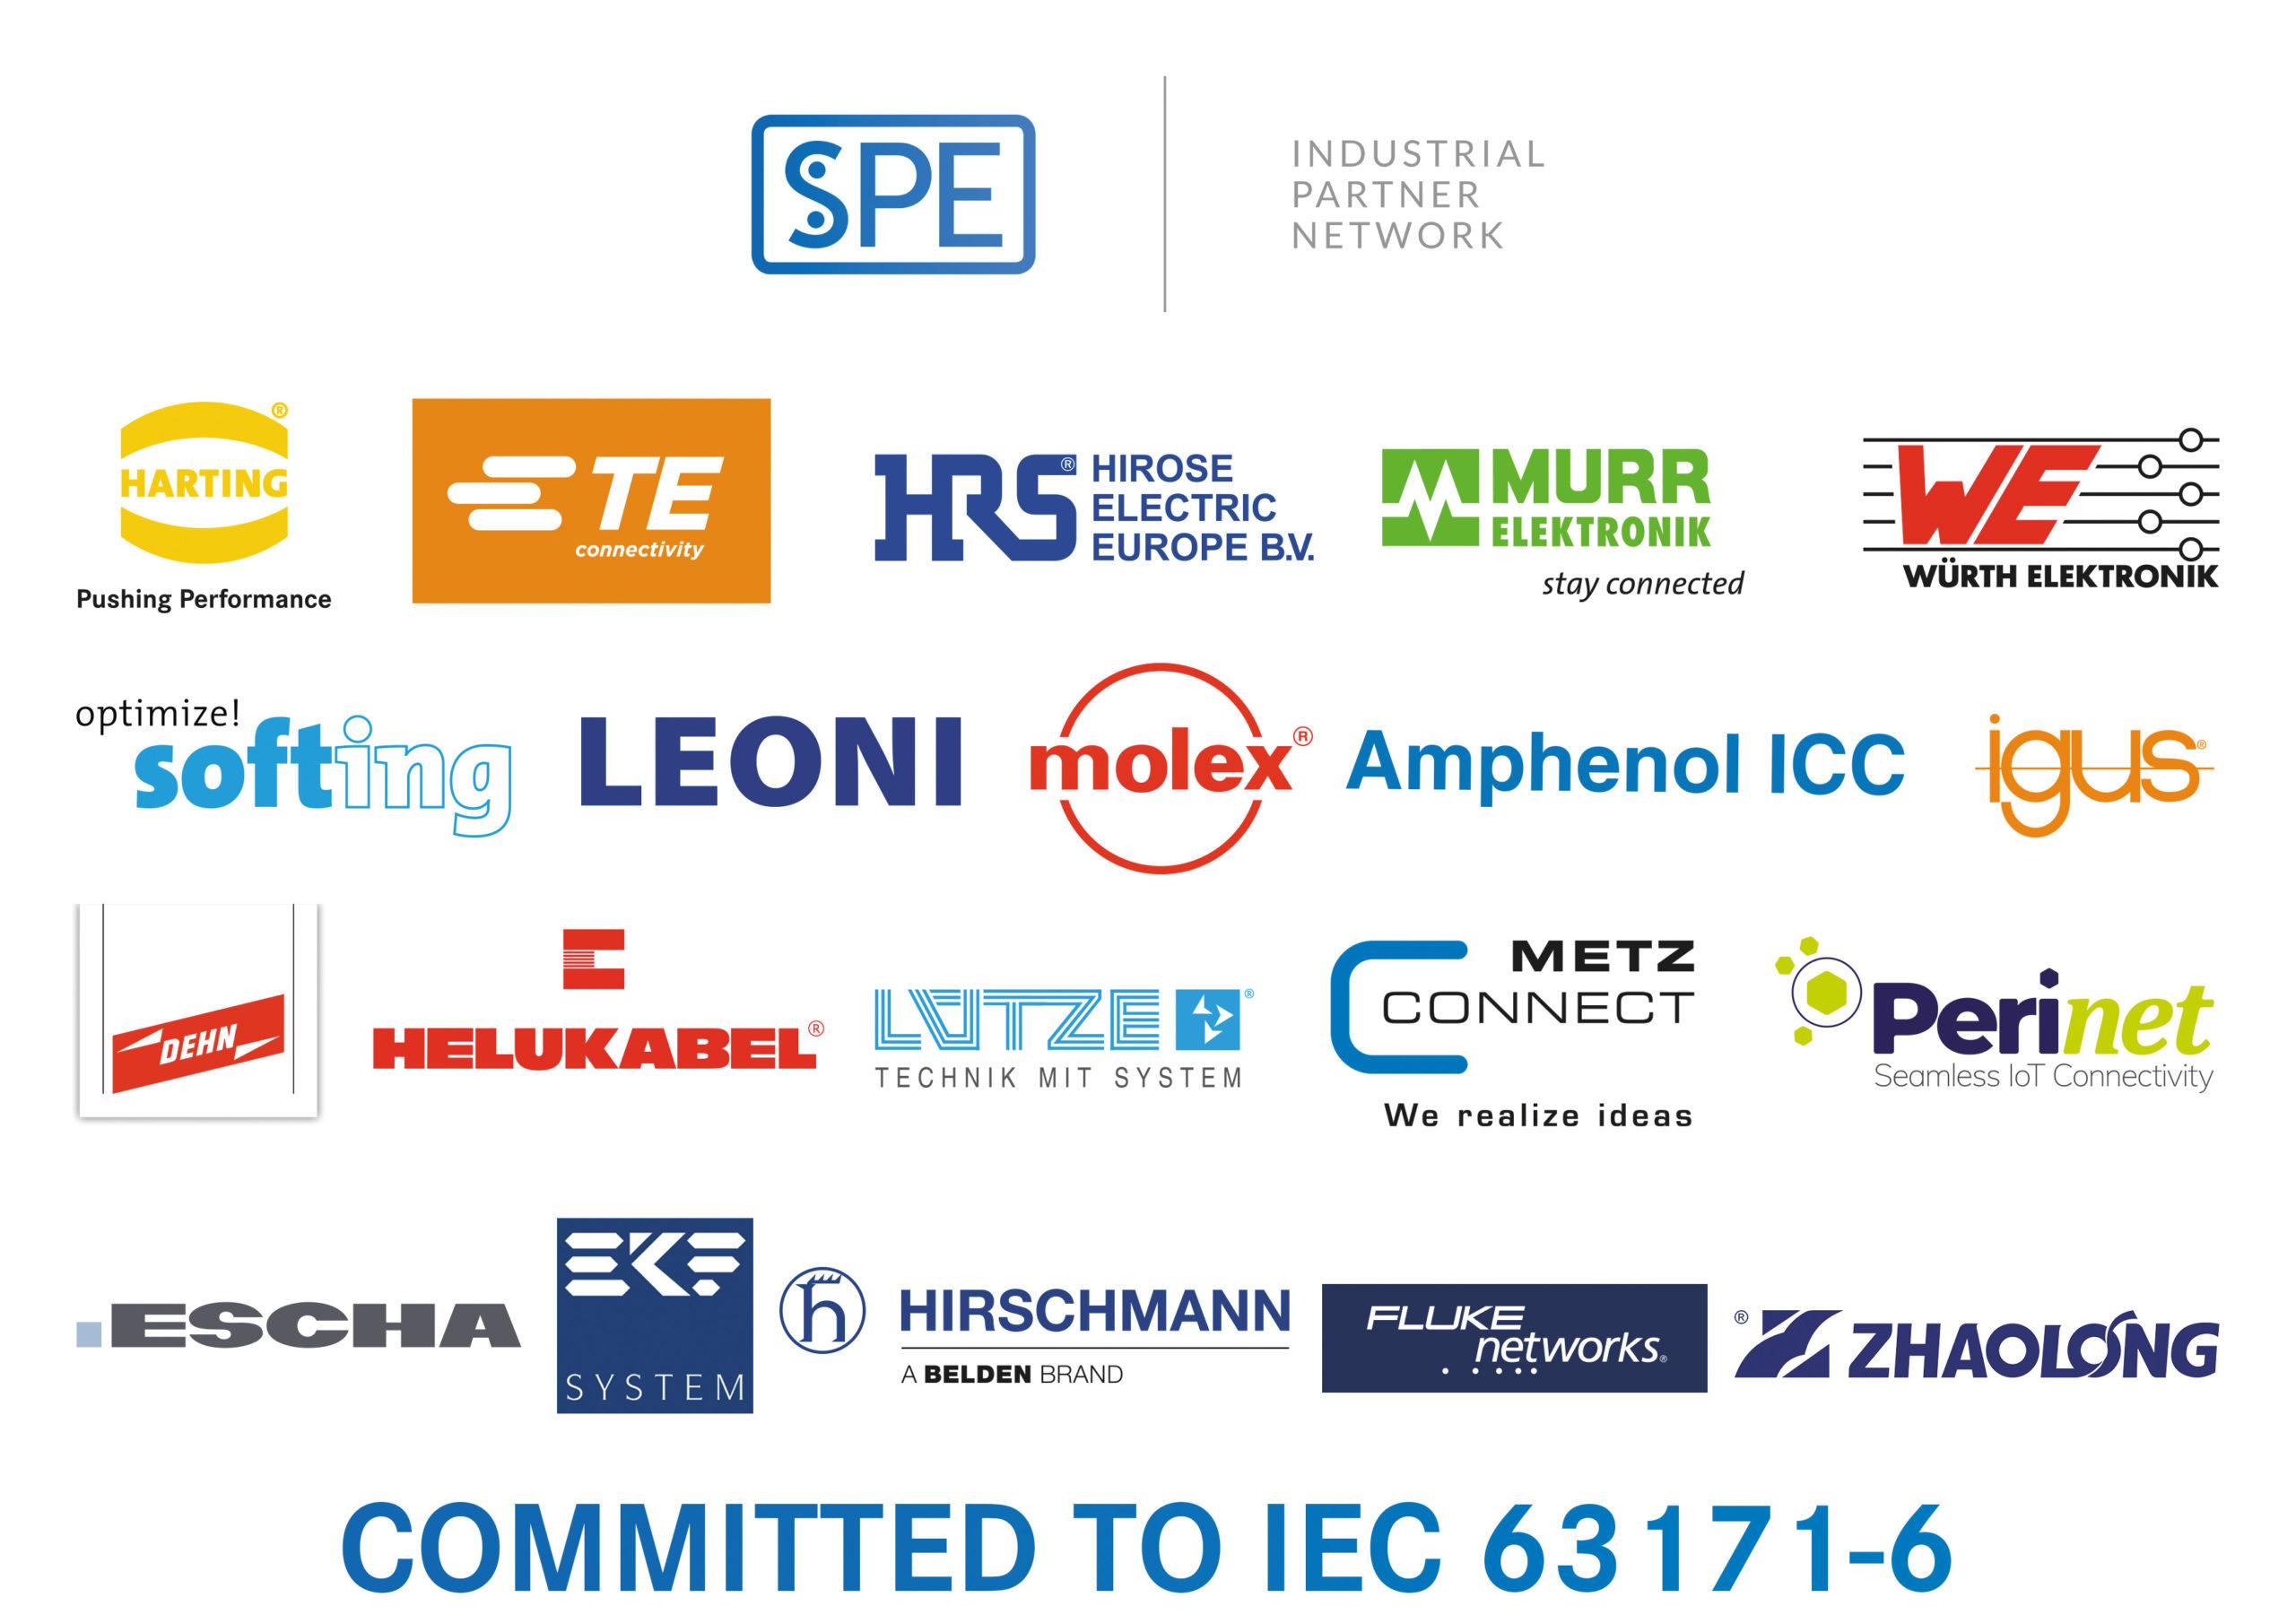 Организация SPE Industrial Partner Network e.V. - список участников